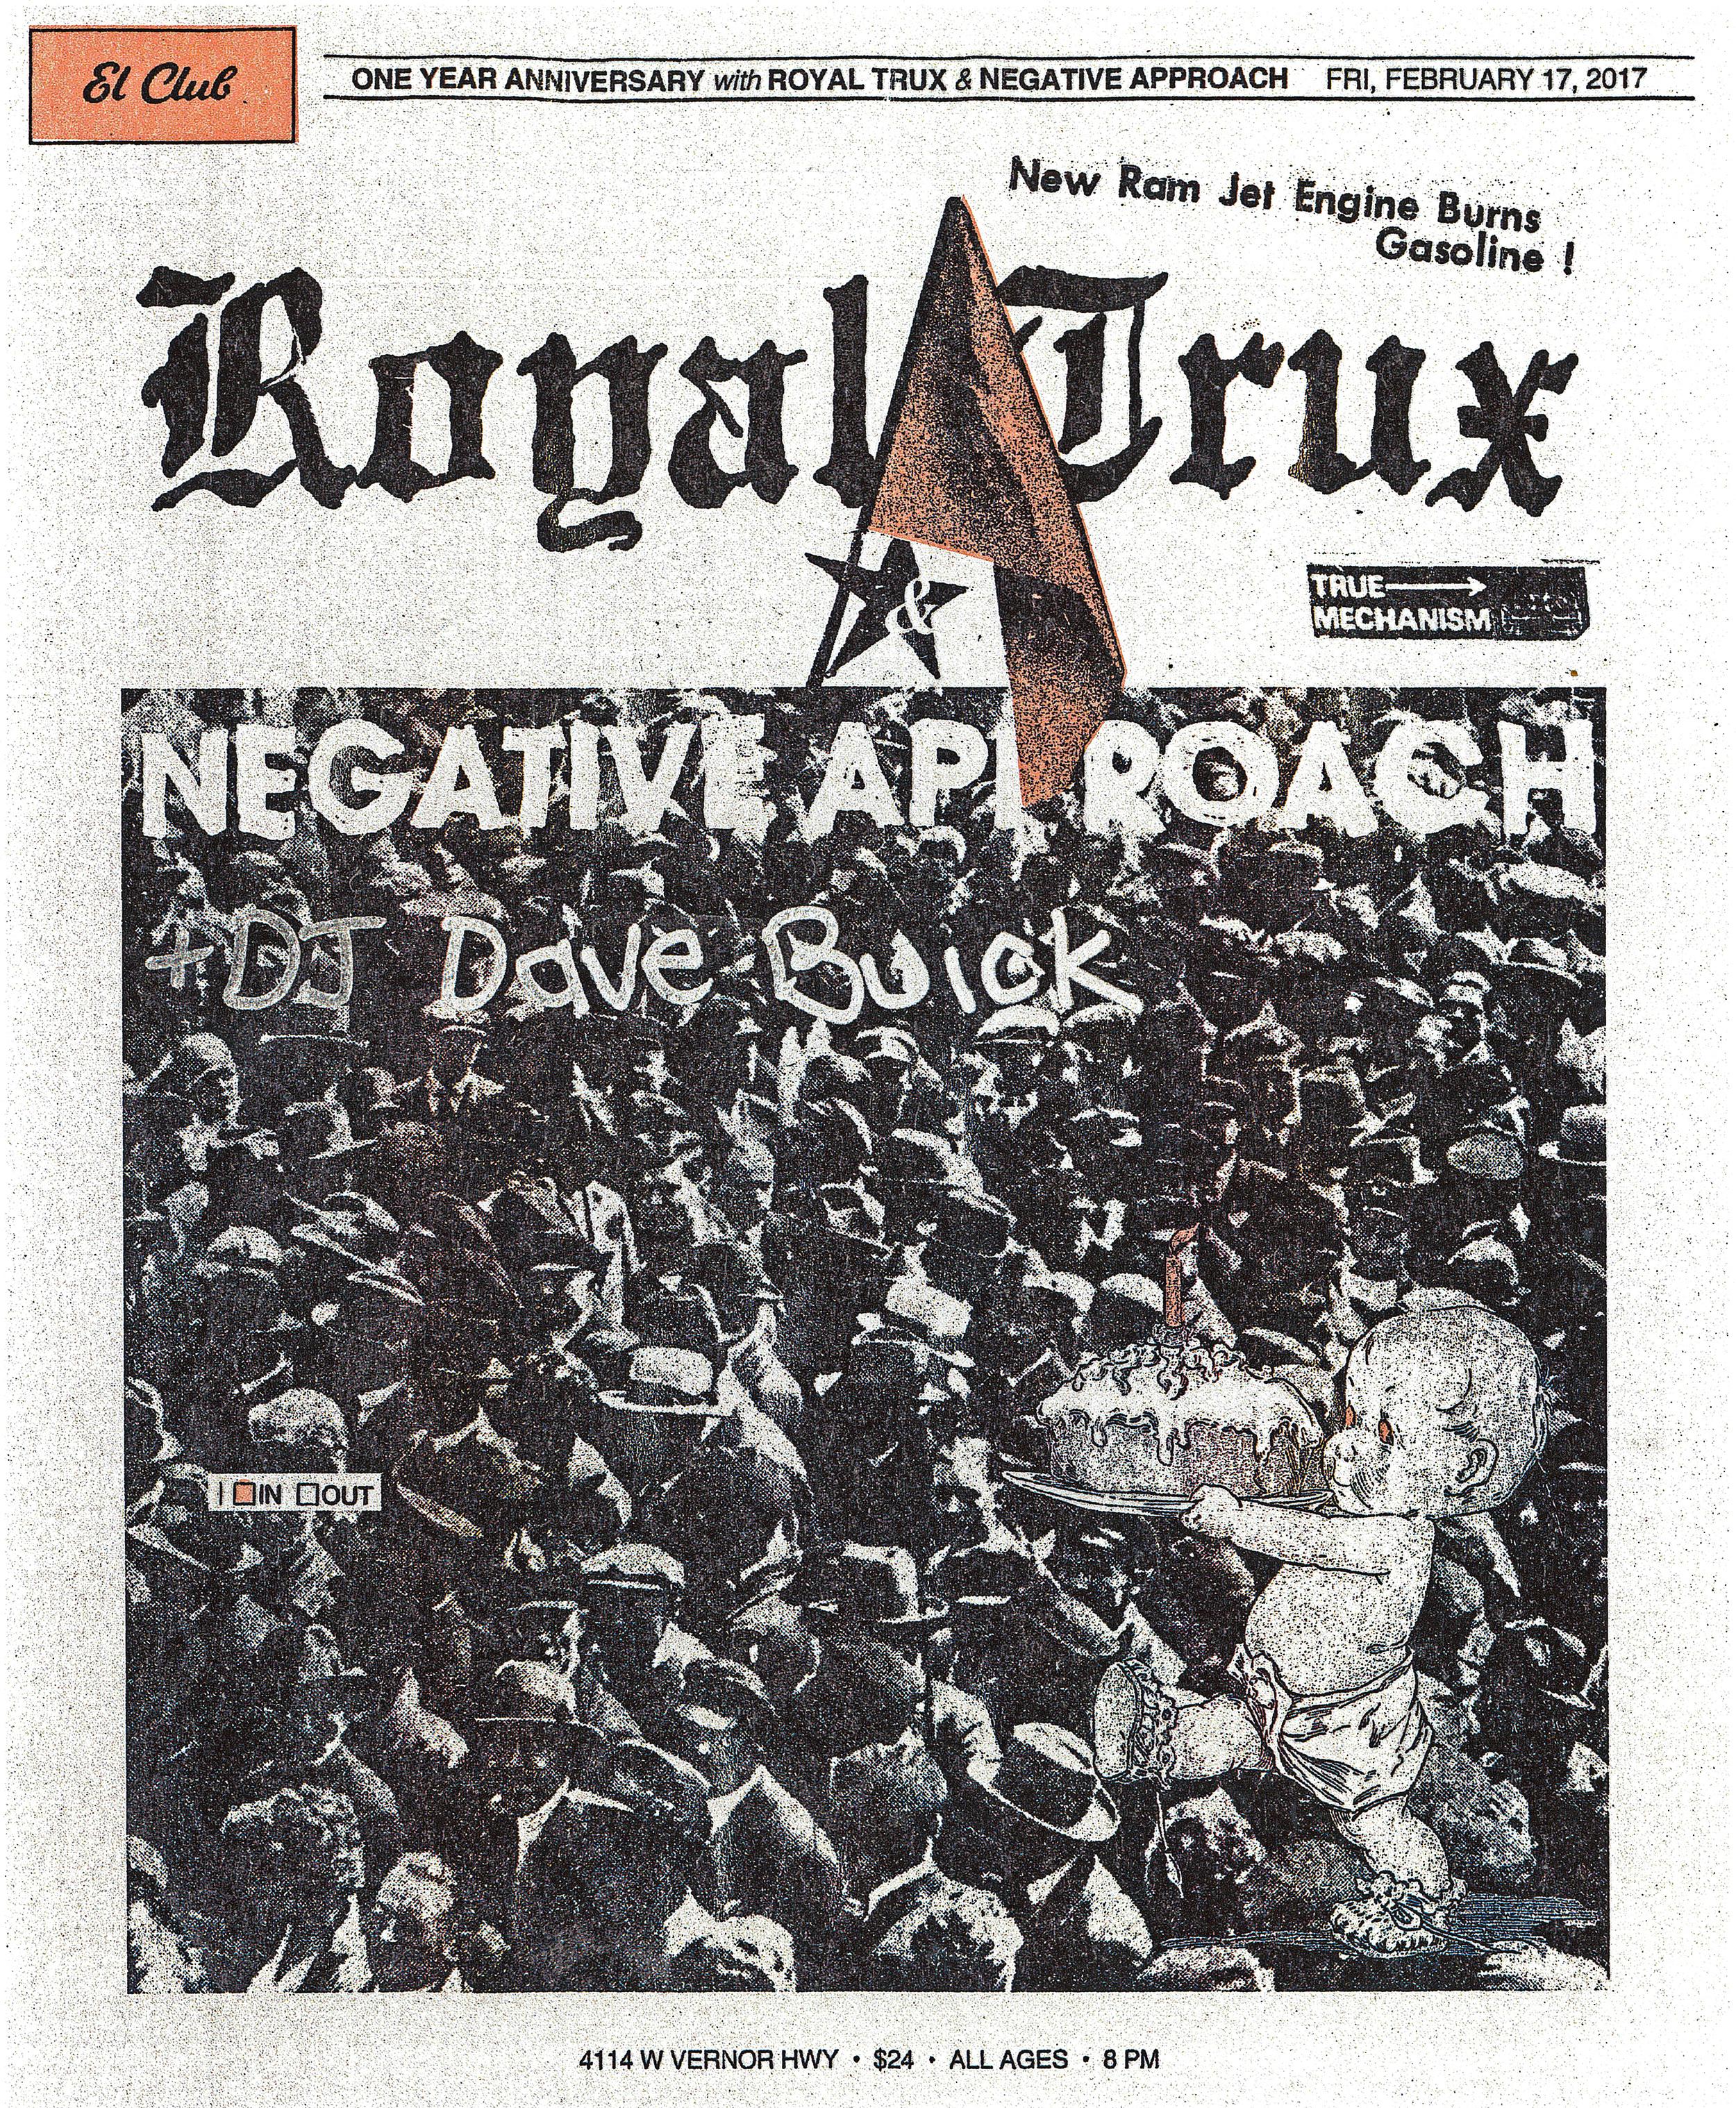 Royal-Trux-el-club-web_2500.jpg